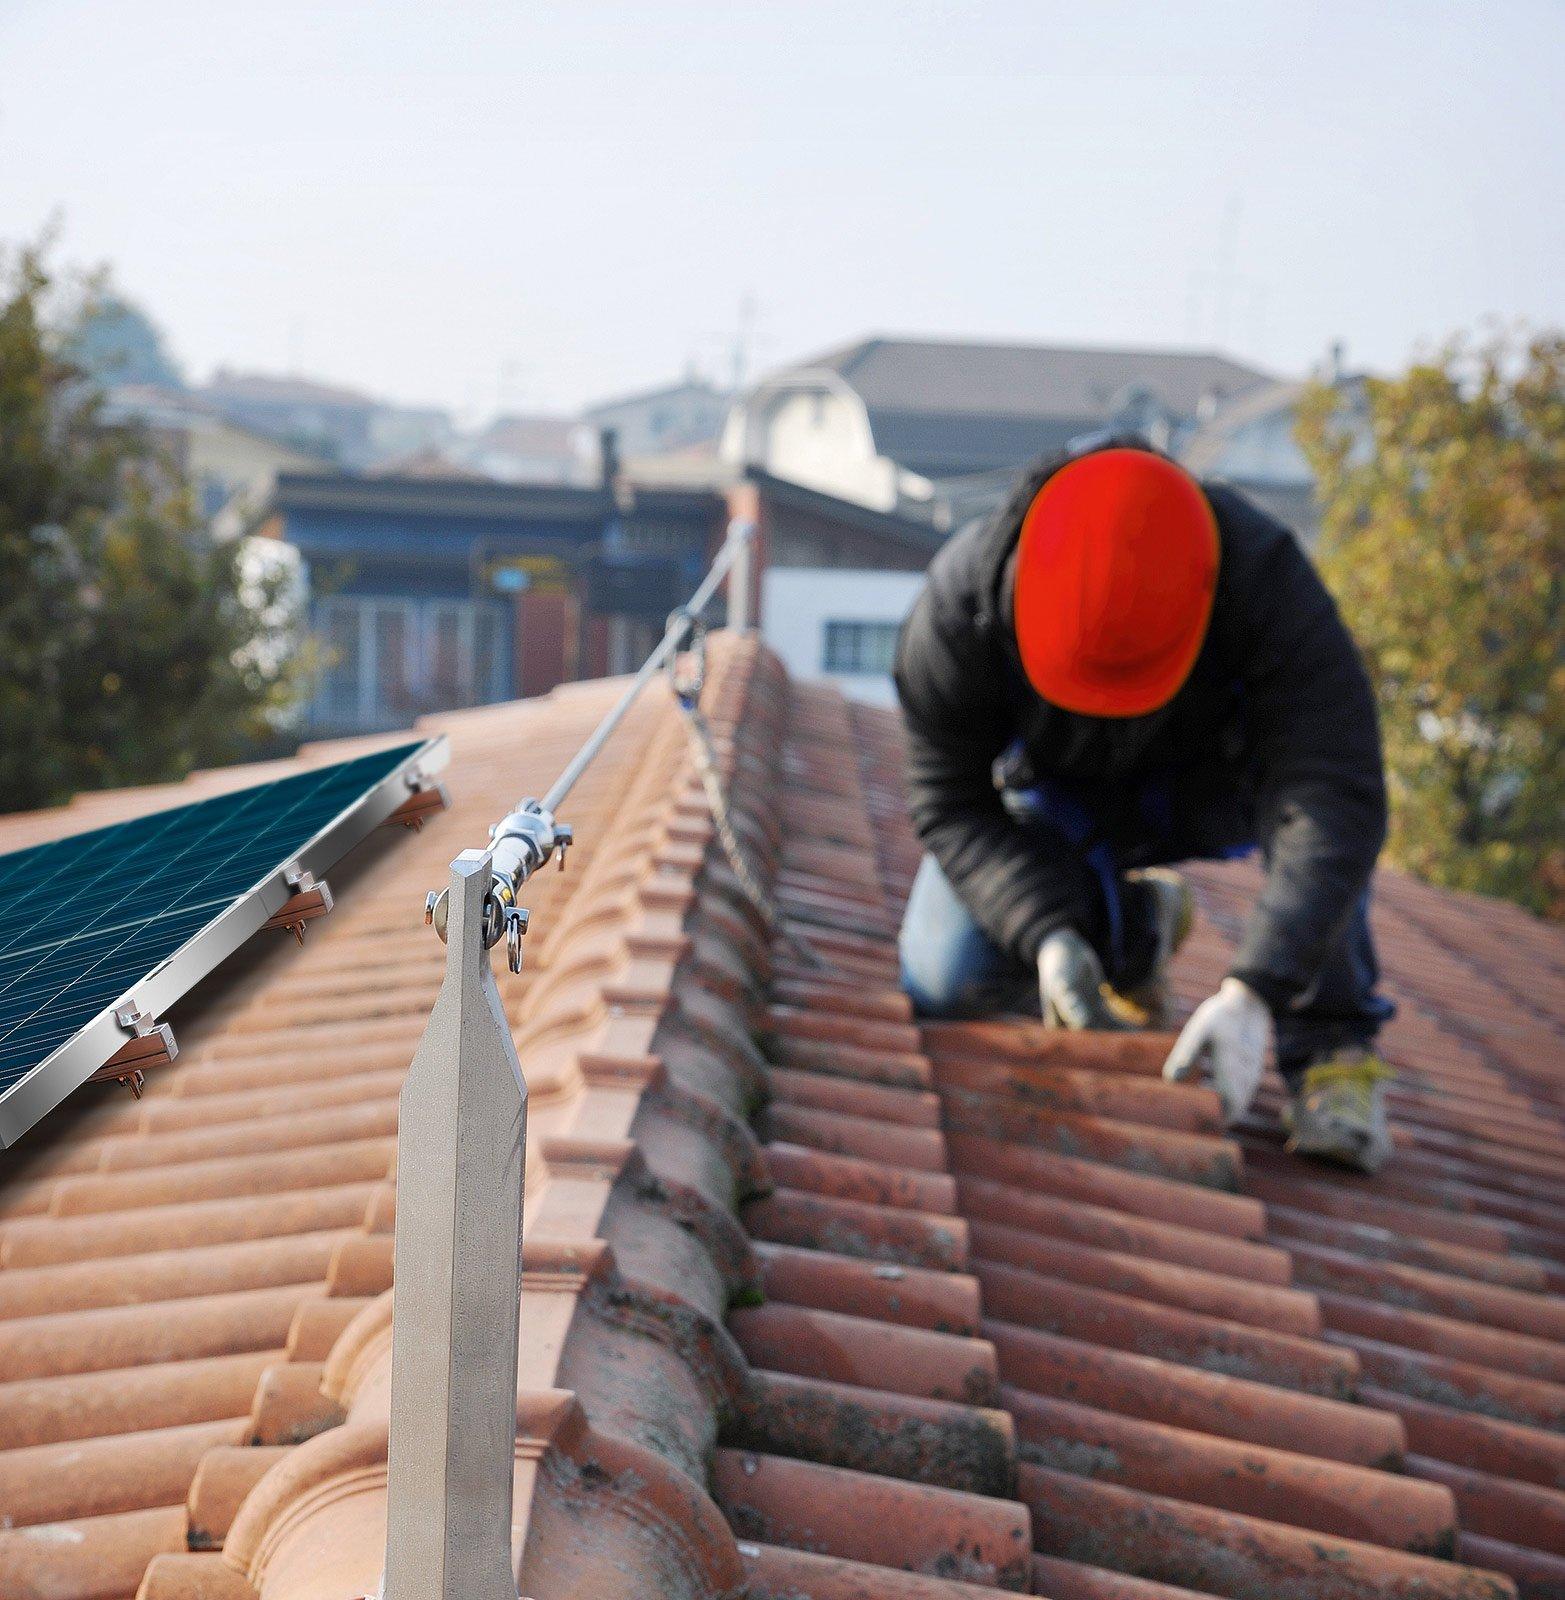 Tetto In Lamiera Opinioni tetto: come mantenerlo efficiente. manutenzione, materiali